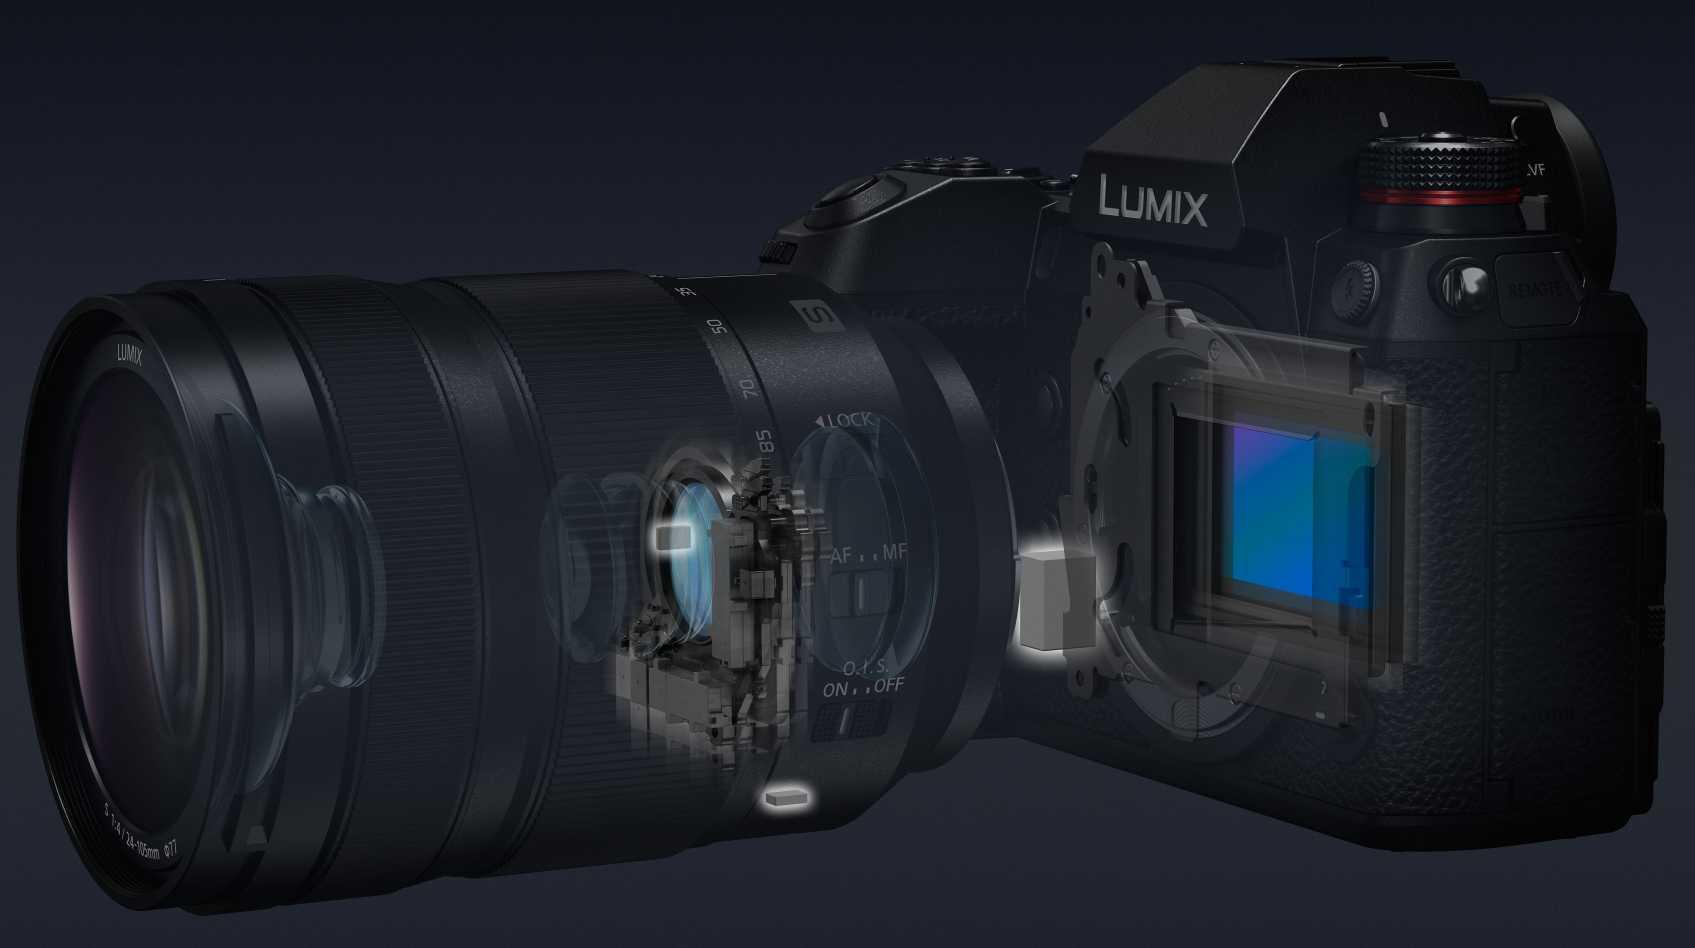 Panasonic Lumix S1R und S1: Technische Daten zu Vollformat-Spiegellosen